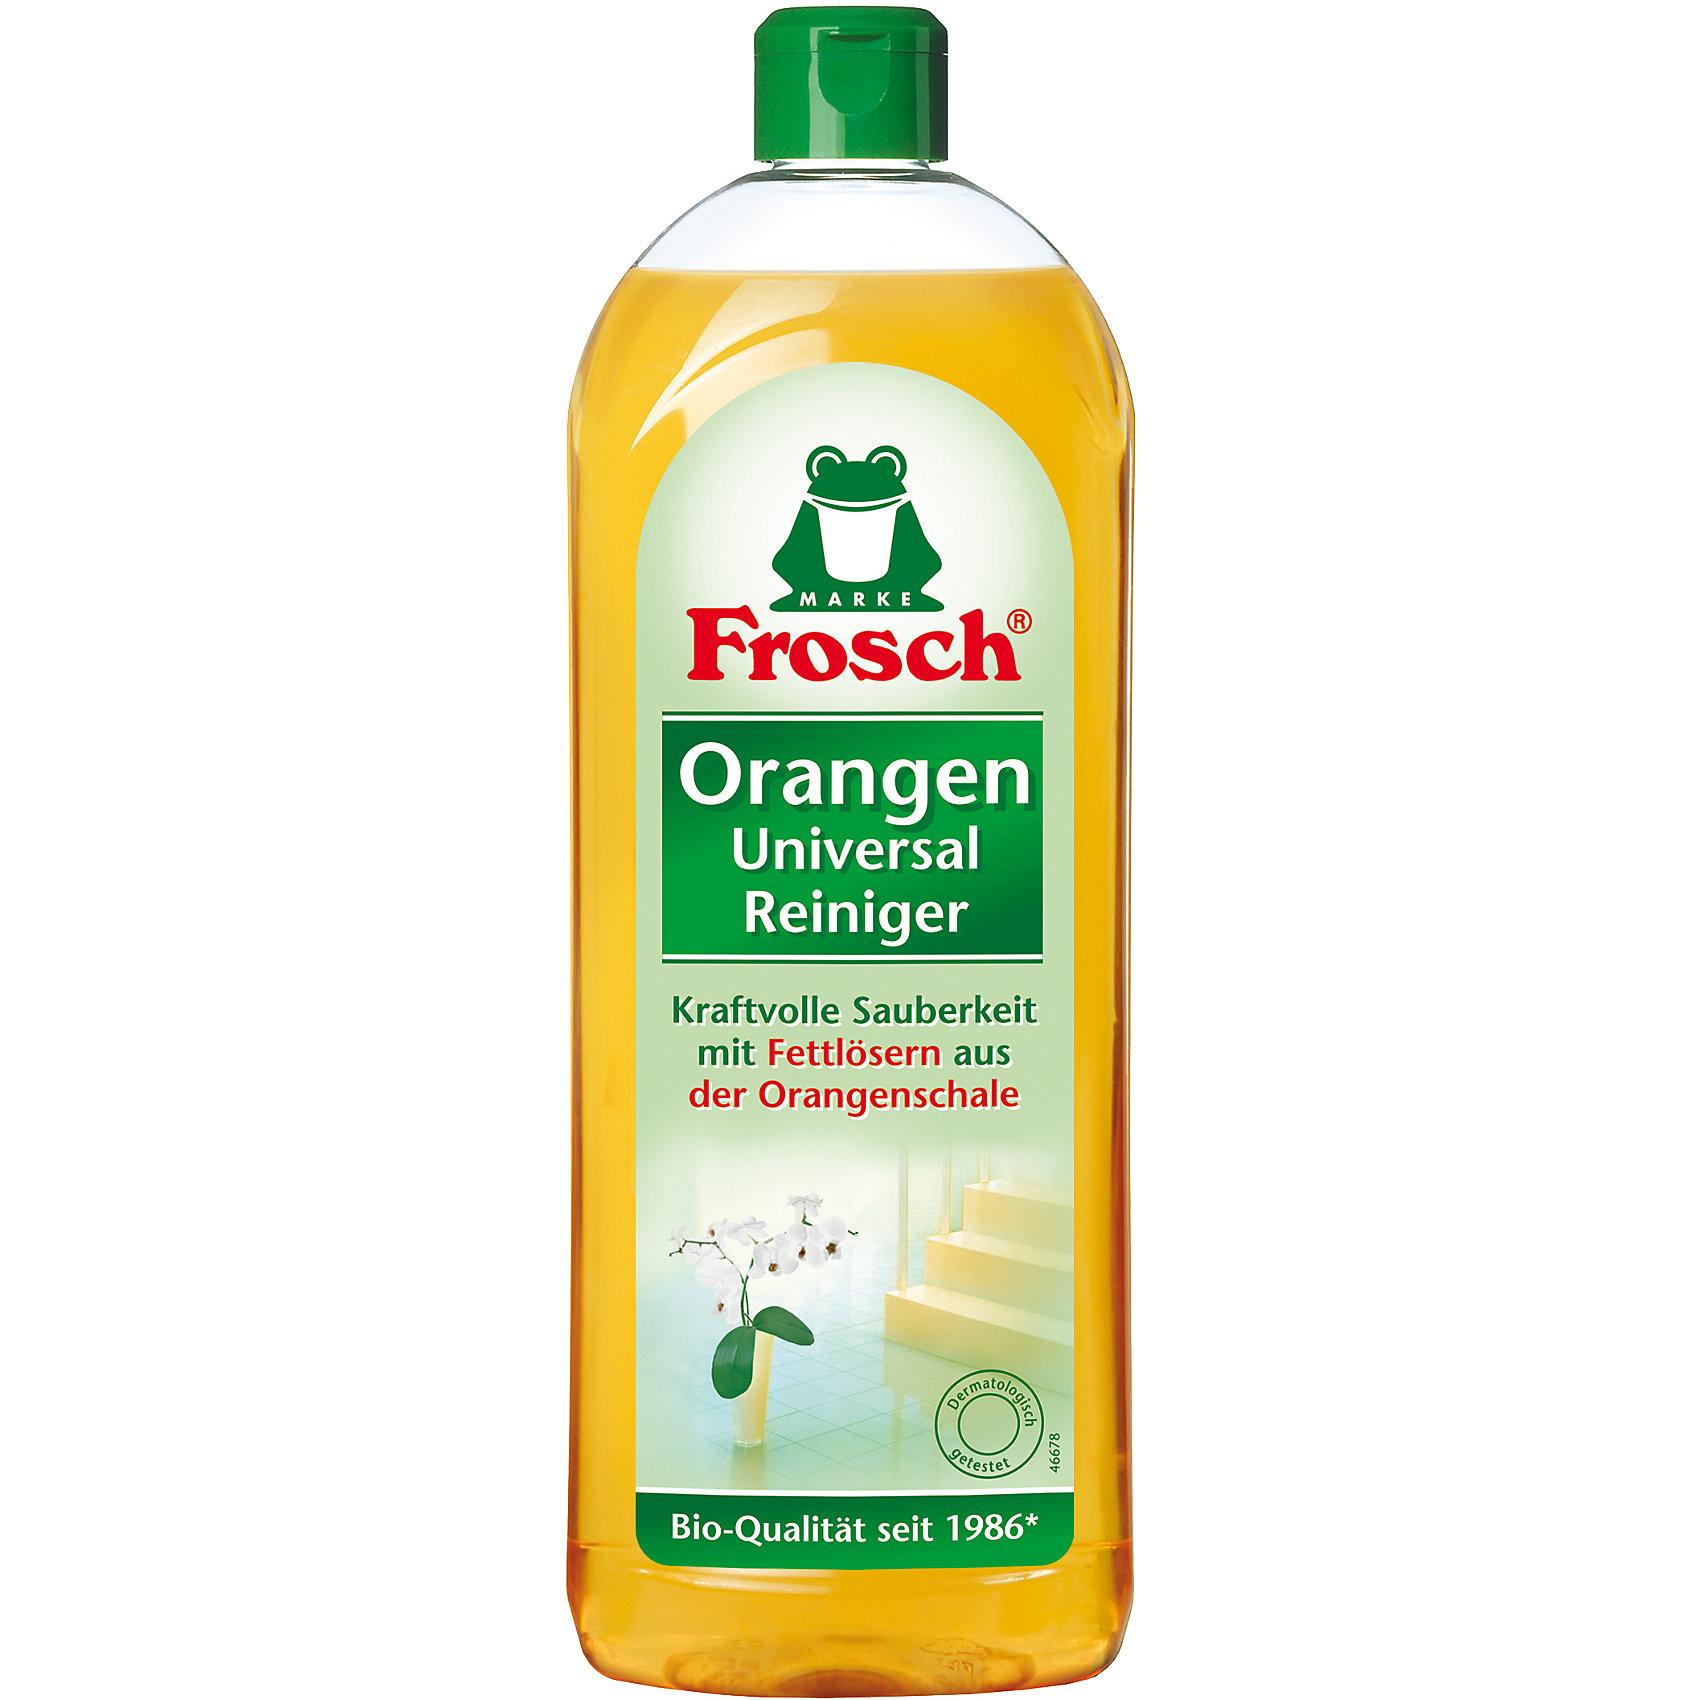 Универсальный апельсиновый очиститель, 0,75 л., FroschБытовая химия<br>Характеристики товара:<br><br>• объем: 750 мл<br>• упаковка: пластик<br>• страна бренда: Германия<br>• страна изготовитель: Германия<br><br>Frosch - мировой лидер по производству чистящих средств, основанный в Германии. Отличительная особенность жидкостей – их безопасность и экологичность. Универсальное средство помогает хозяйкам поддерживать чистоту в доме без особых усилий и затрат. <br><br>Химическая формула растворяет сложные загрязнения и придает цитрусовый аромат. Материалы, использованные при изготовлении товара, сертифицированы и отвечают всем международным требованиям по качеству. <br><br>Универсальный апельсиновый очиститель, 0,75 л, от немецкого производителя Frosch (Фрош) можно приобрести в нашем интернет-магазине.<br><br>Ширина мм: 85<br>Глубина мм: 53<br>Высота мм: 258<br>Вес г: 838<br>Возраст от месяцев: 216<br>Возраст до месяцев: 1188<br>Пол: Унисекс<br>Возраст: Детский<br>SKU: 5185726